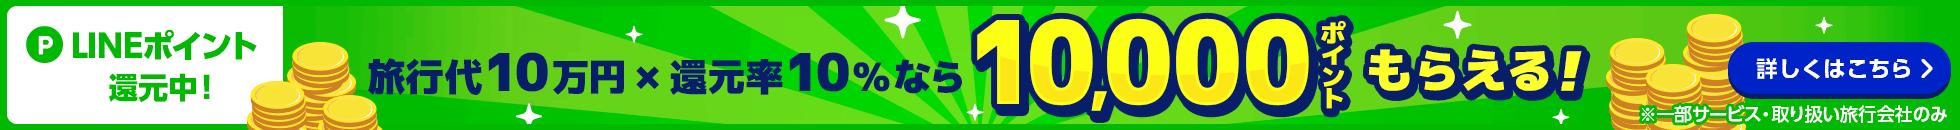 LINEポイント還元中!LINEトラベルjp 旅行代10万円×還元率10%なら10,000ポイントもらえる!詳しくはこちら ※一部サービス・取り扱い旅行会社のみ